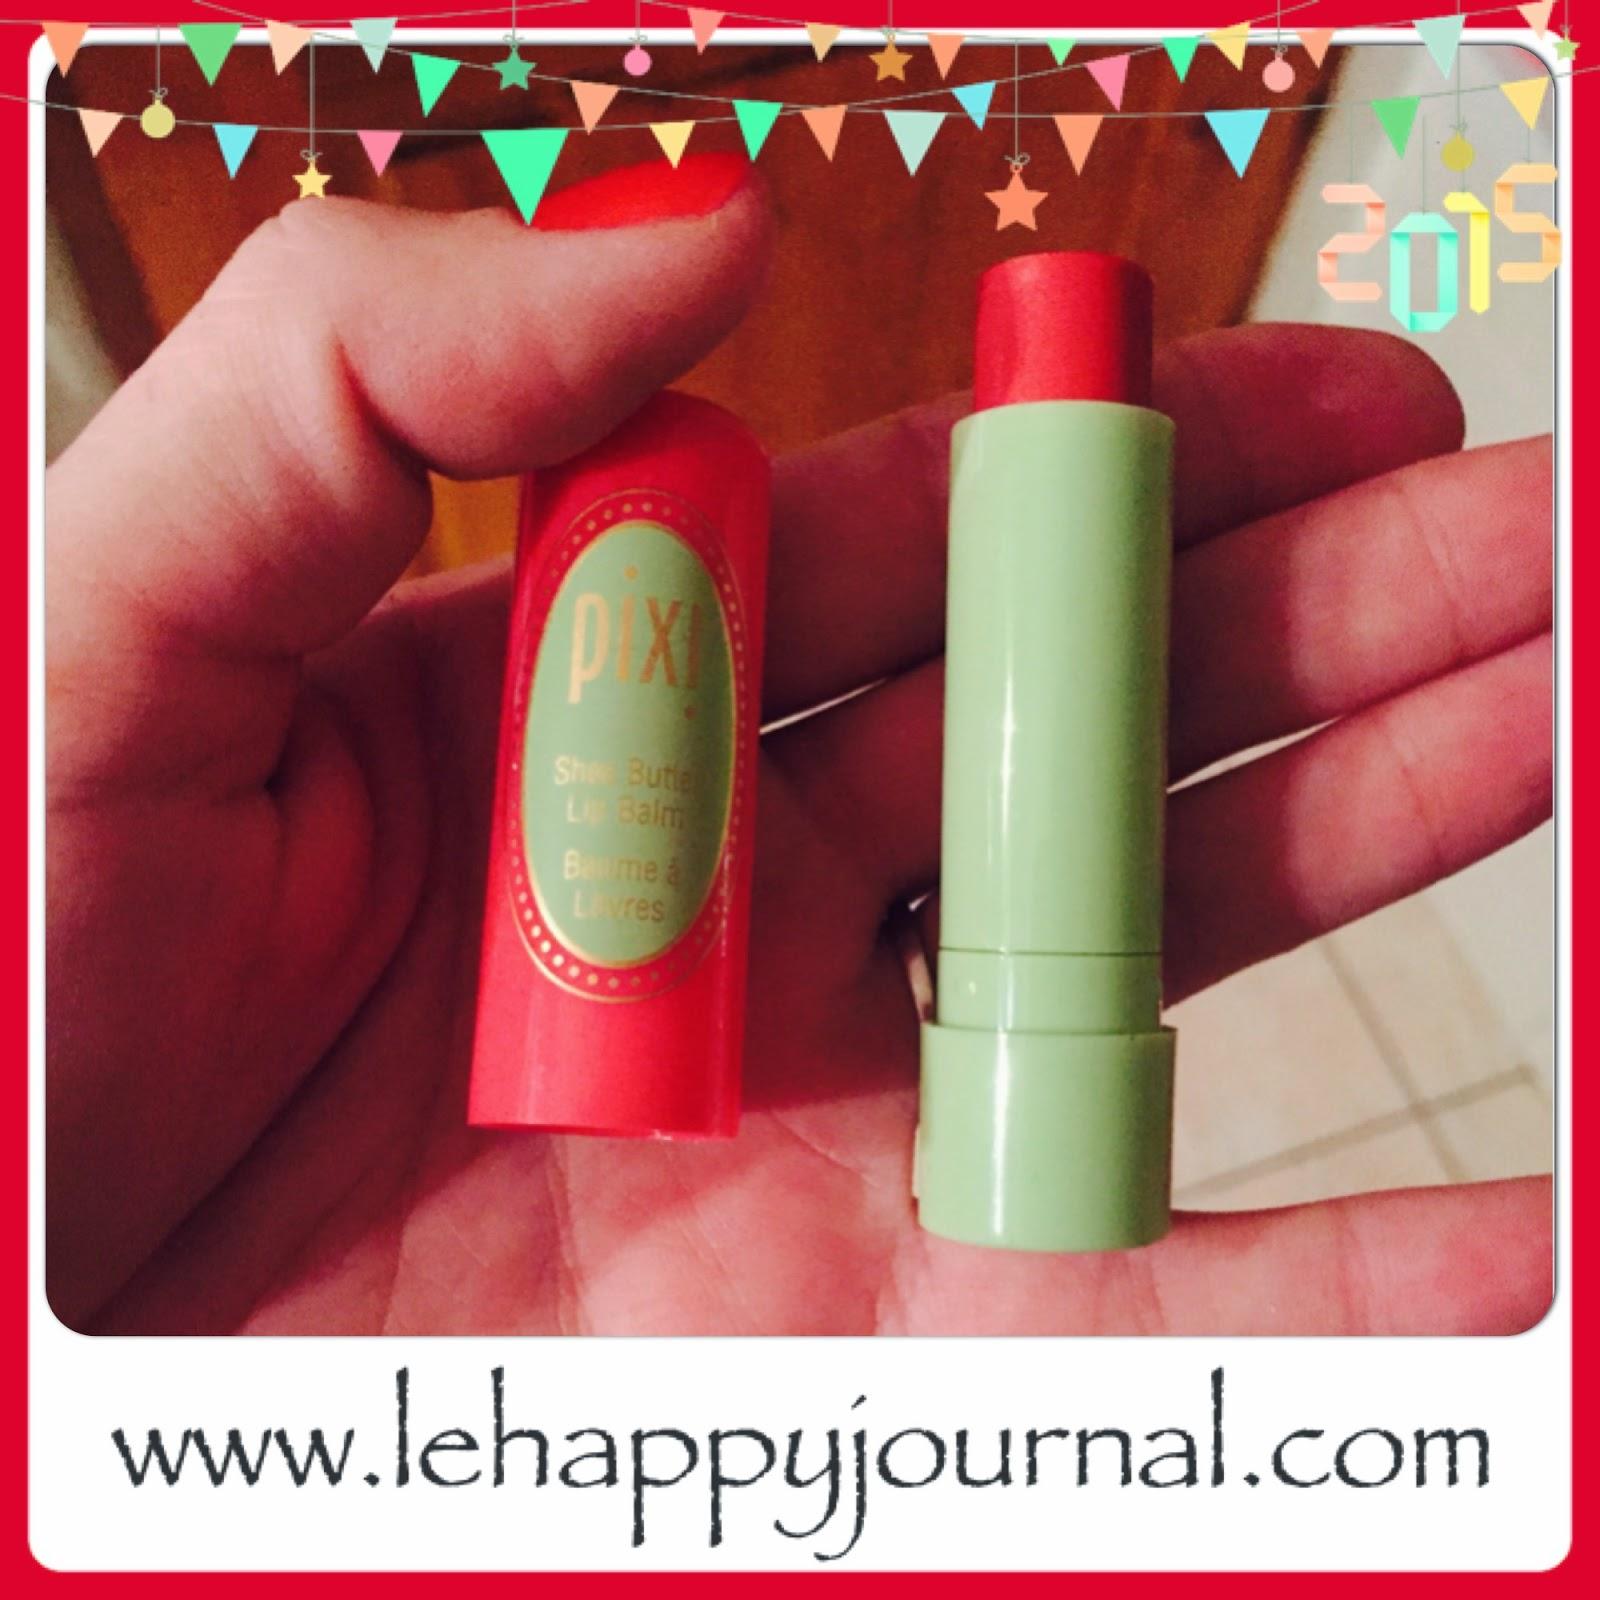 rotation, beauté, produits, semaine 1, revue, blogueuse beauté, opinion, avis, test, happy journal, baume, pixi, gloss, rouge a levres